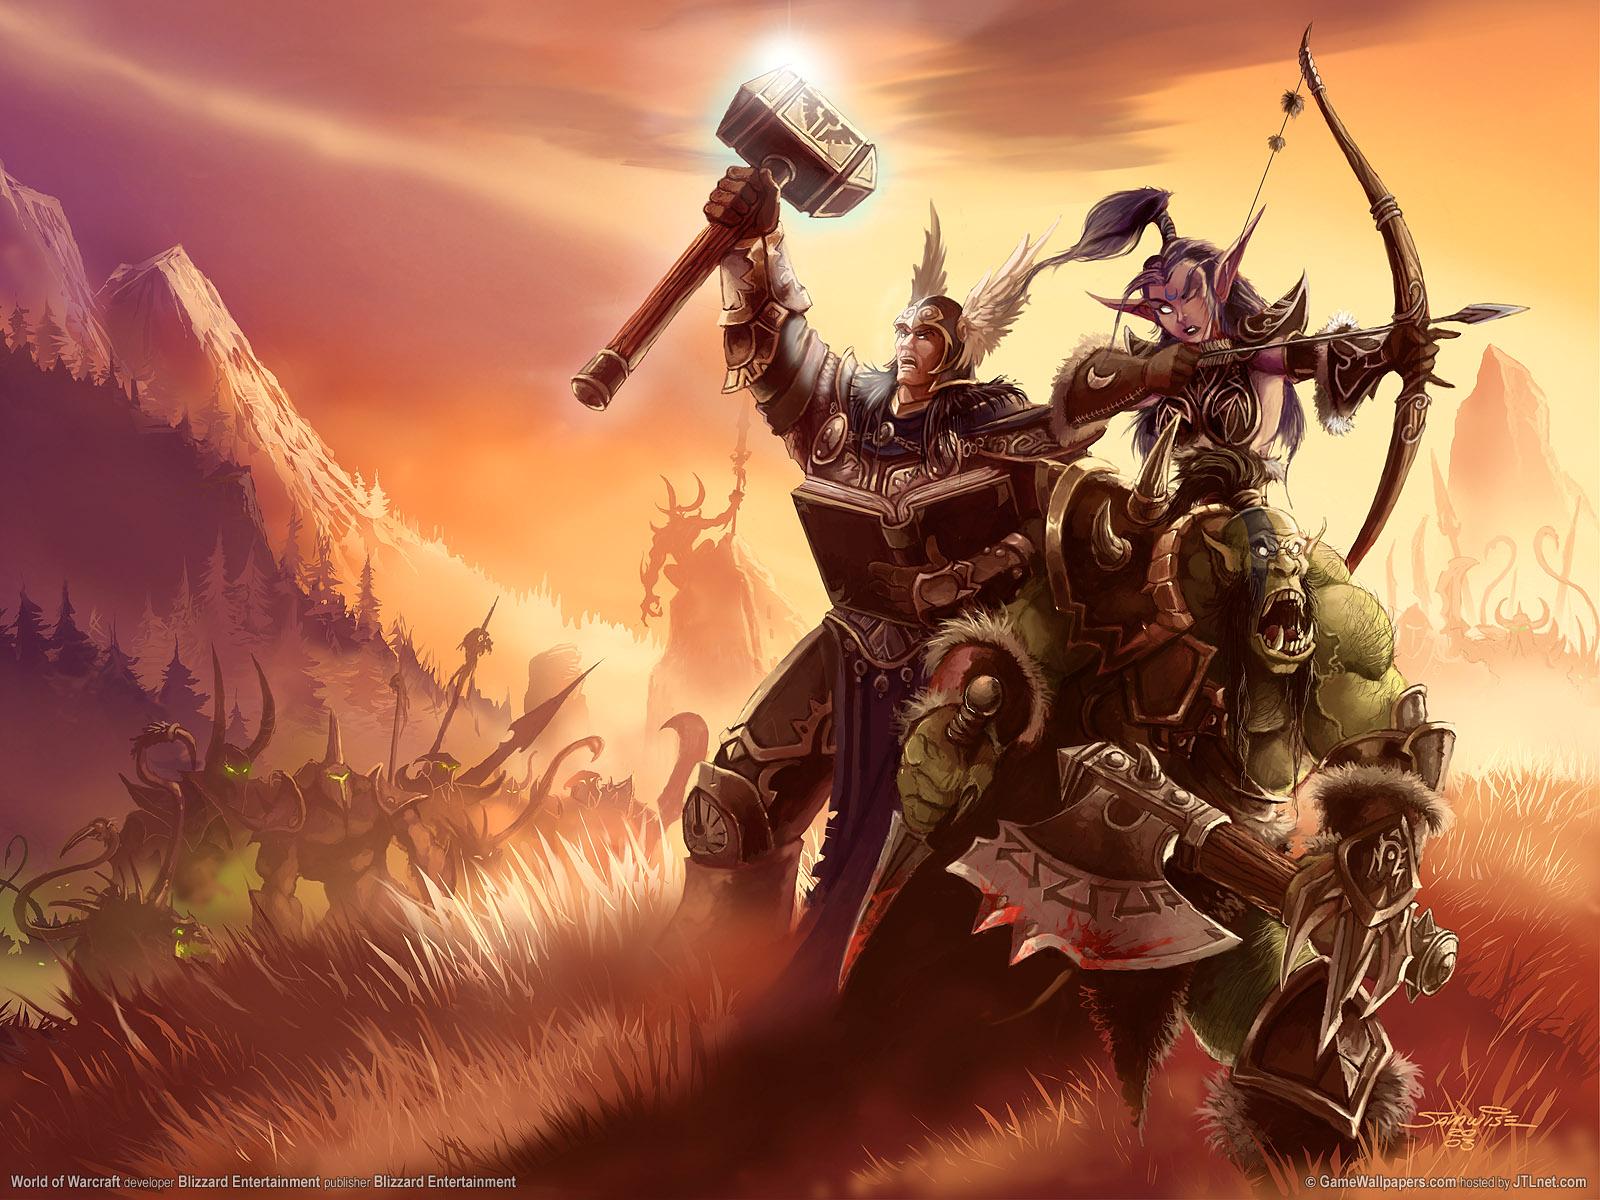 http://4.bp.blogspot.com/-usjfF6Ilx9I/TjgU0h9je-I/AAAAAAAAGlw/W5M7TdflcfM/s1600/Warcraft_wallpaper_01.jpg